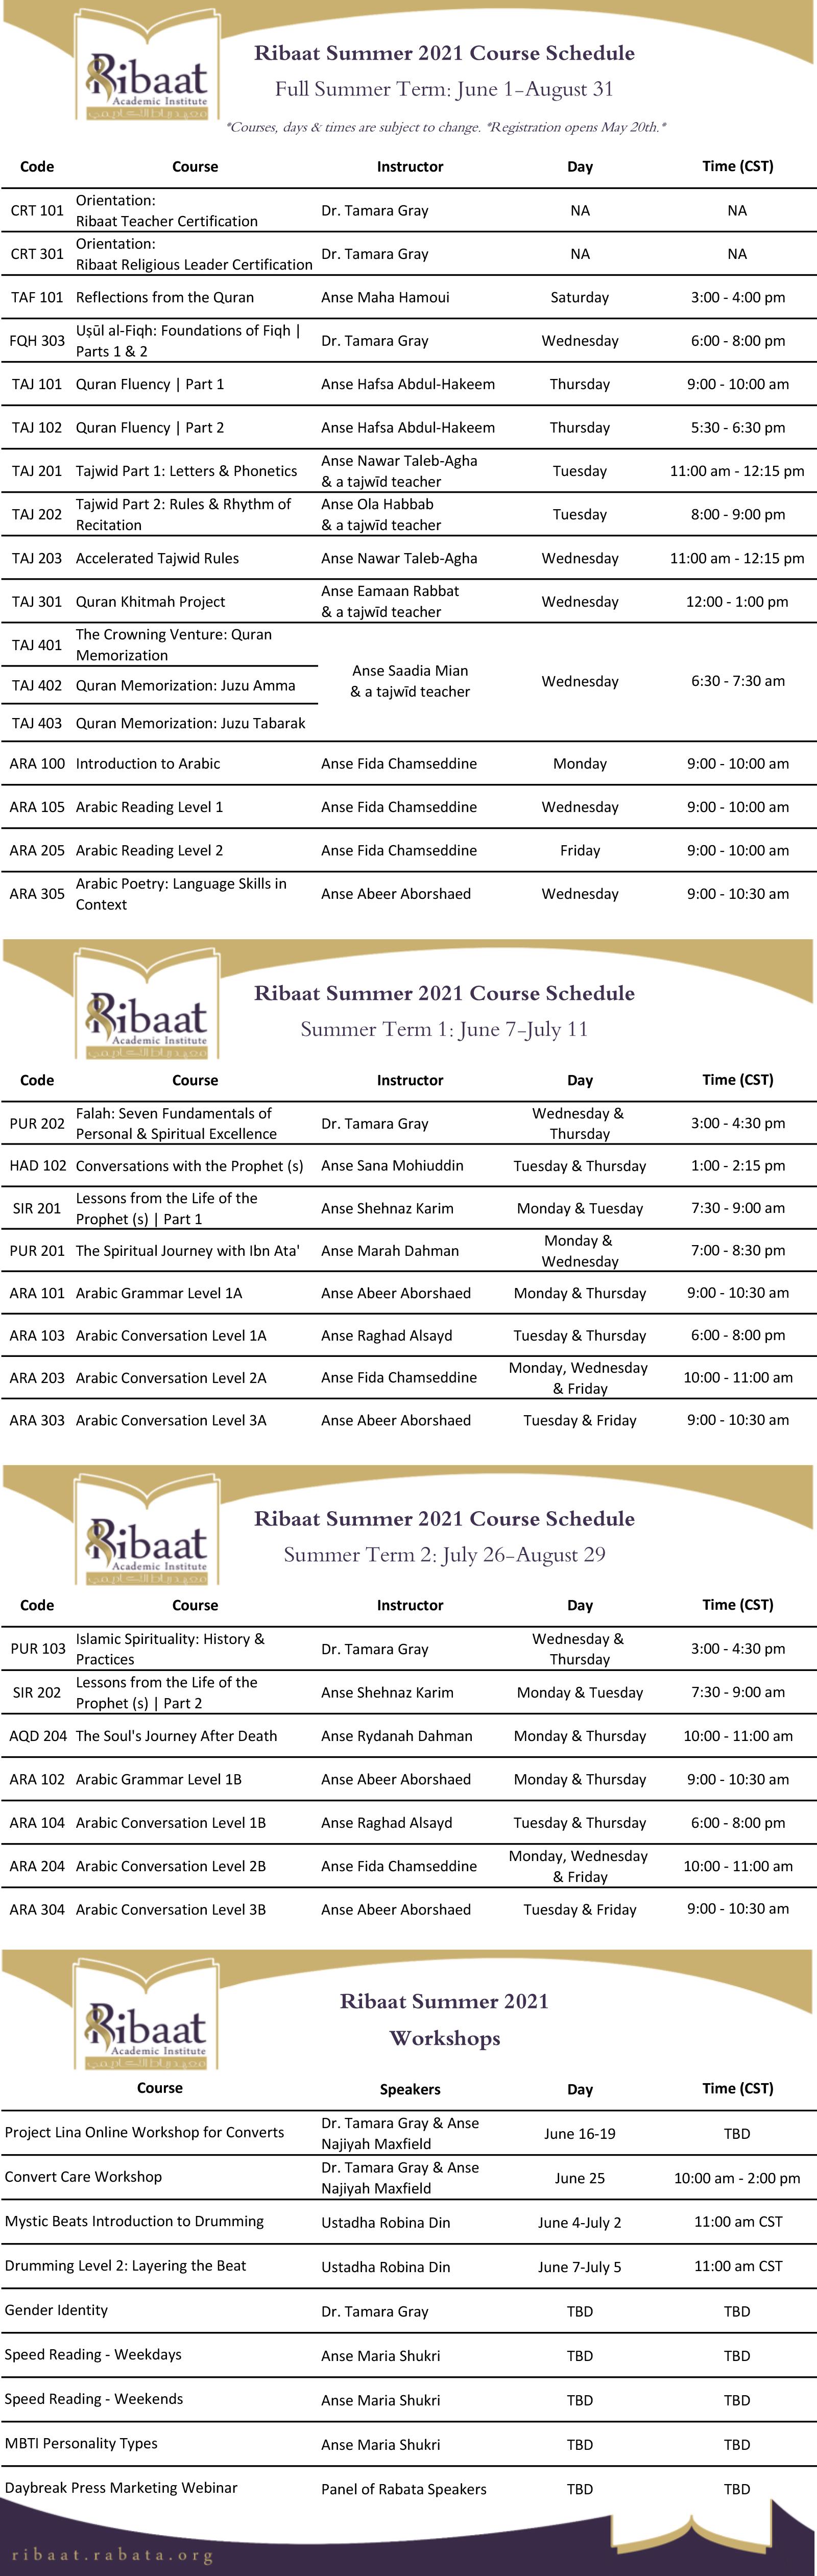 Ribaat summer 2021 course list